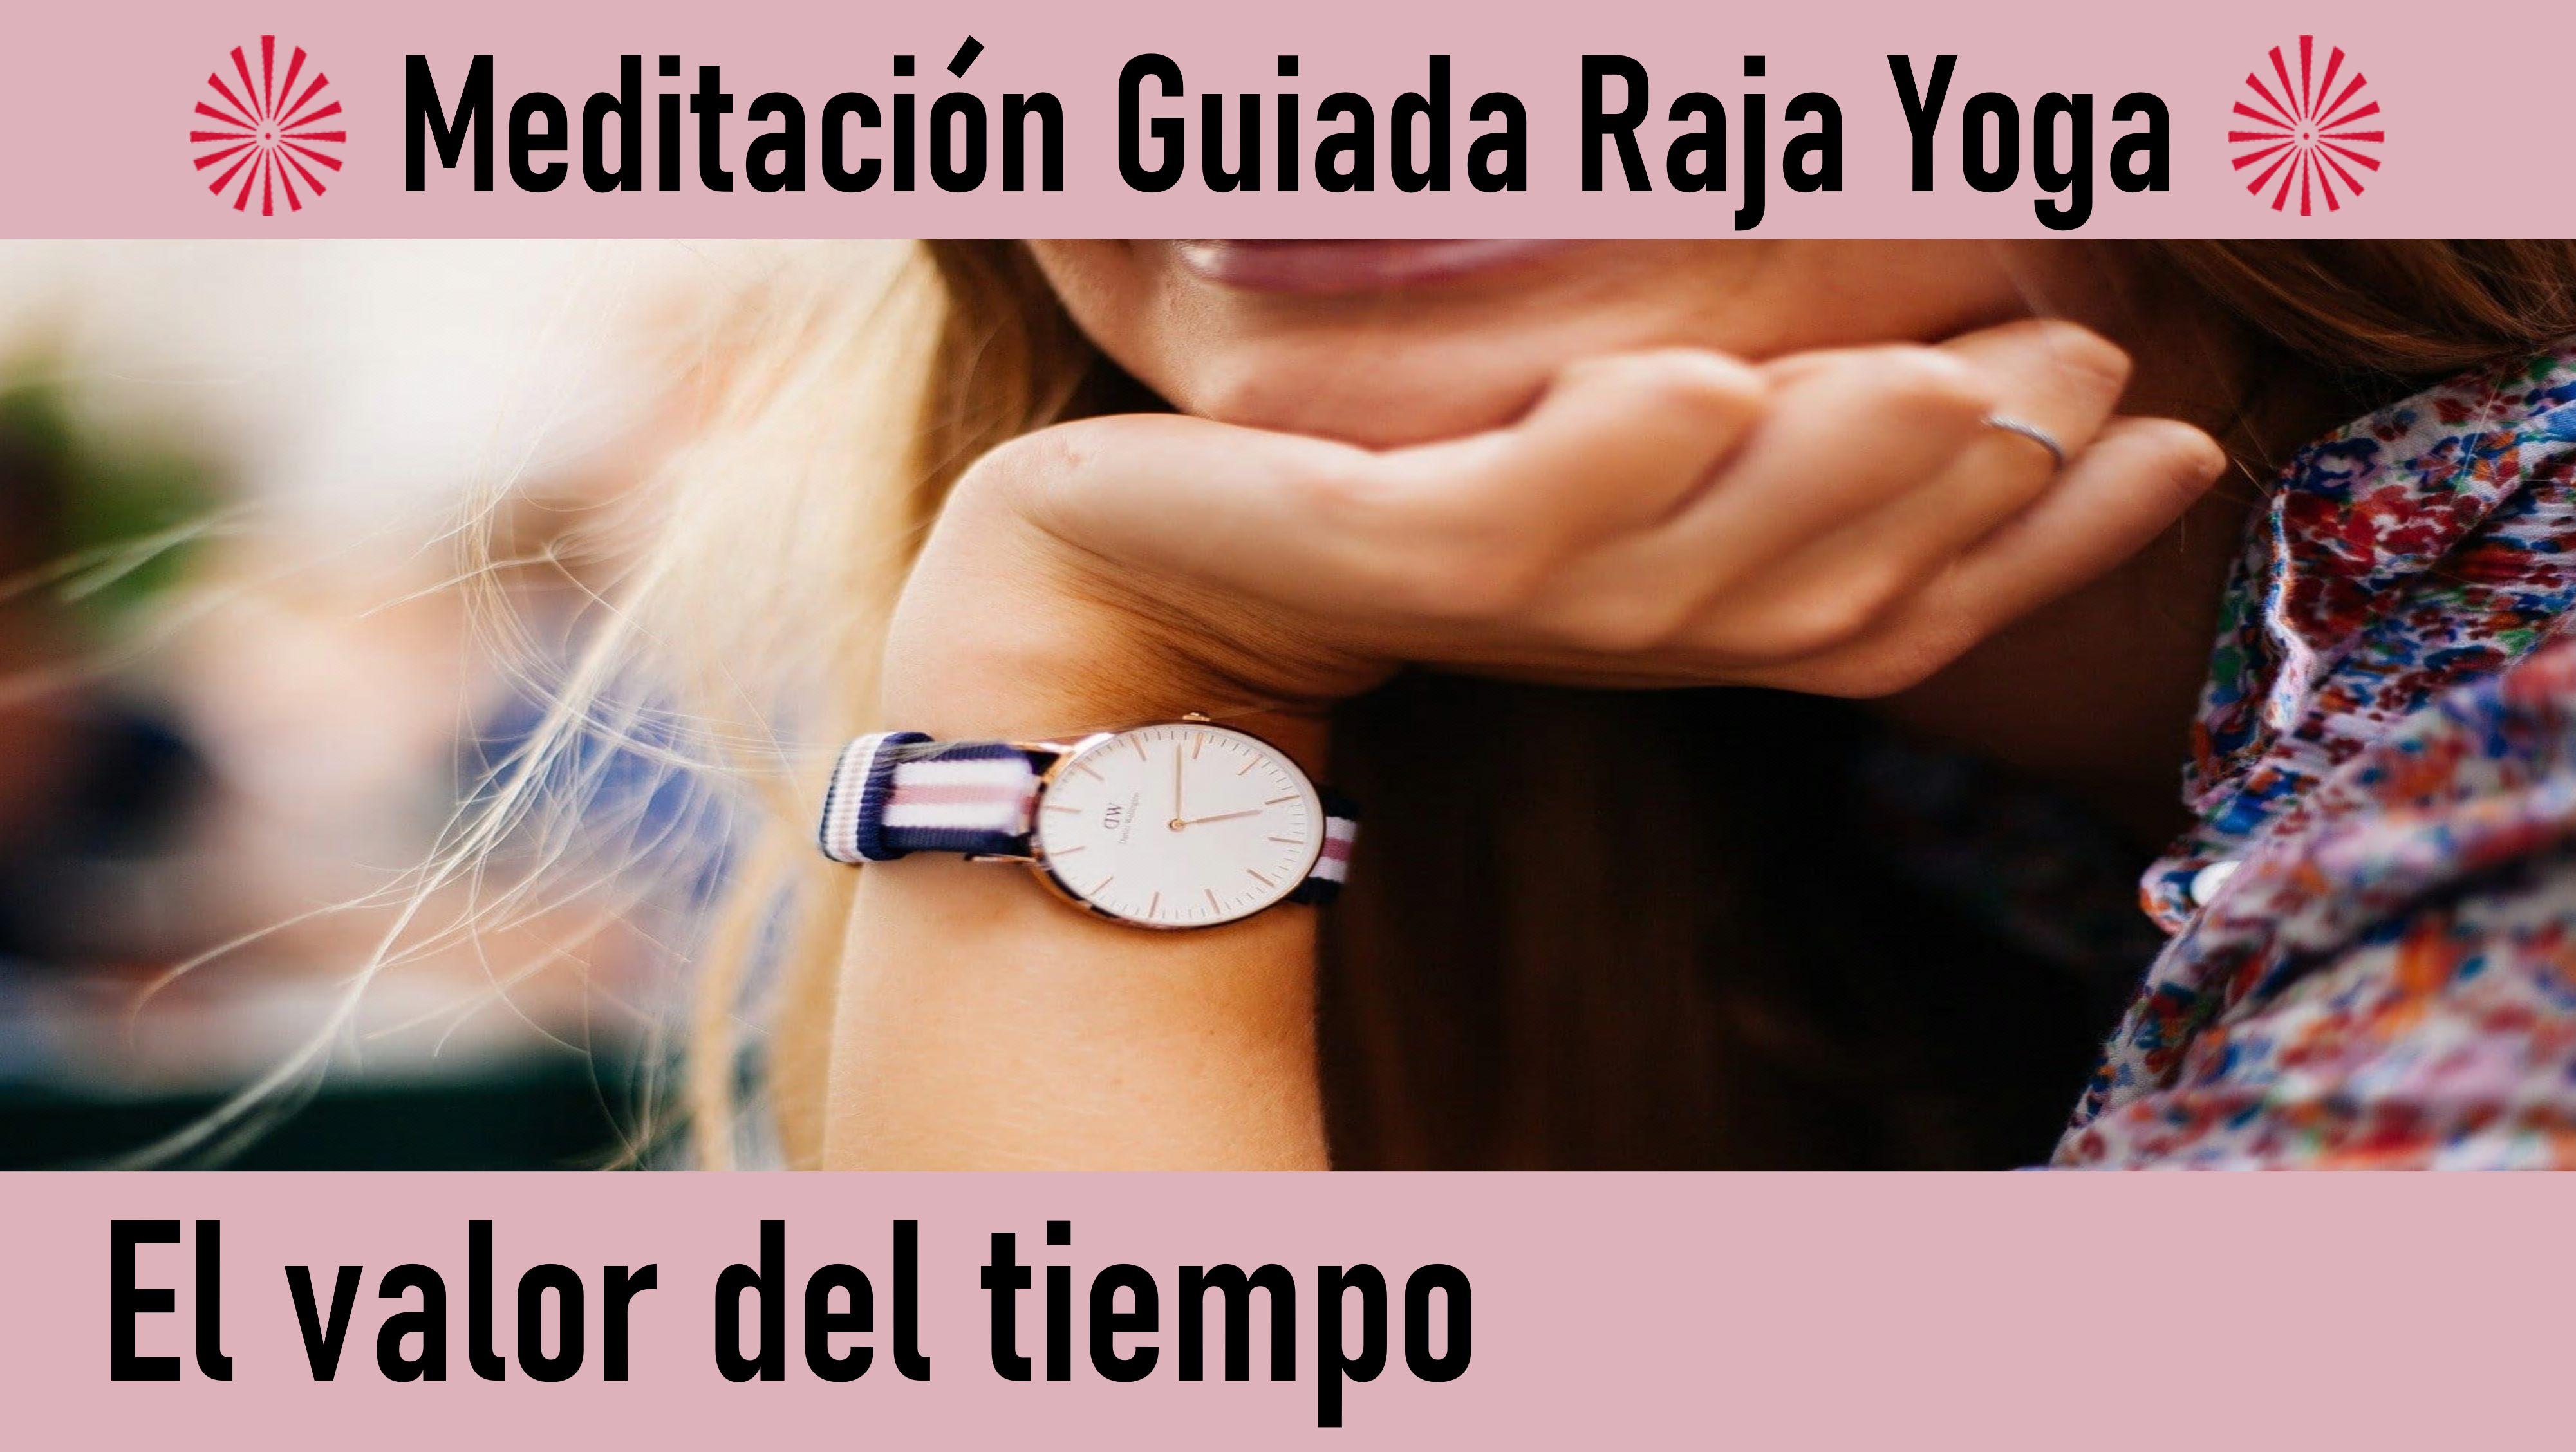 Meditación Raja Yoga:  El valor del tiempo (1 Junio 2020) On-line desde Madrid